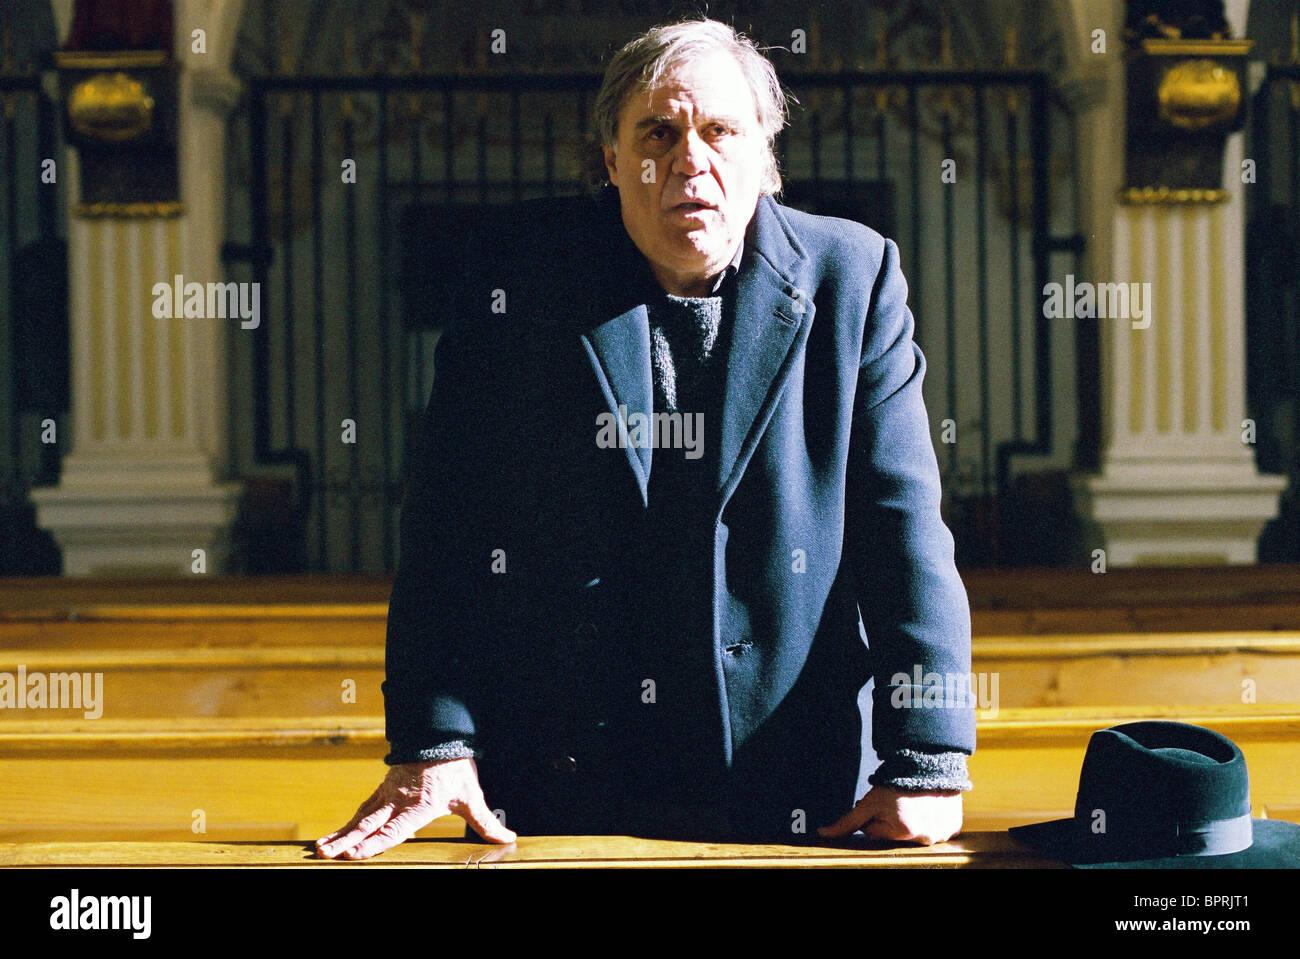 JOSEF BIERBICHLER WINTERREISE; WINTER JOURNEY (2006) Stock Photo